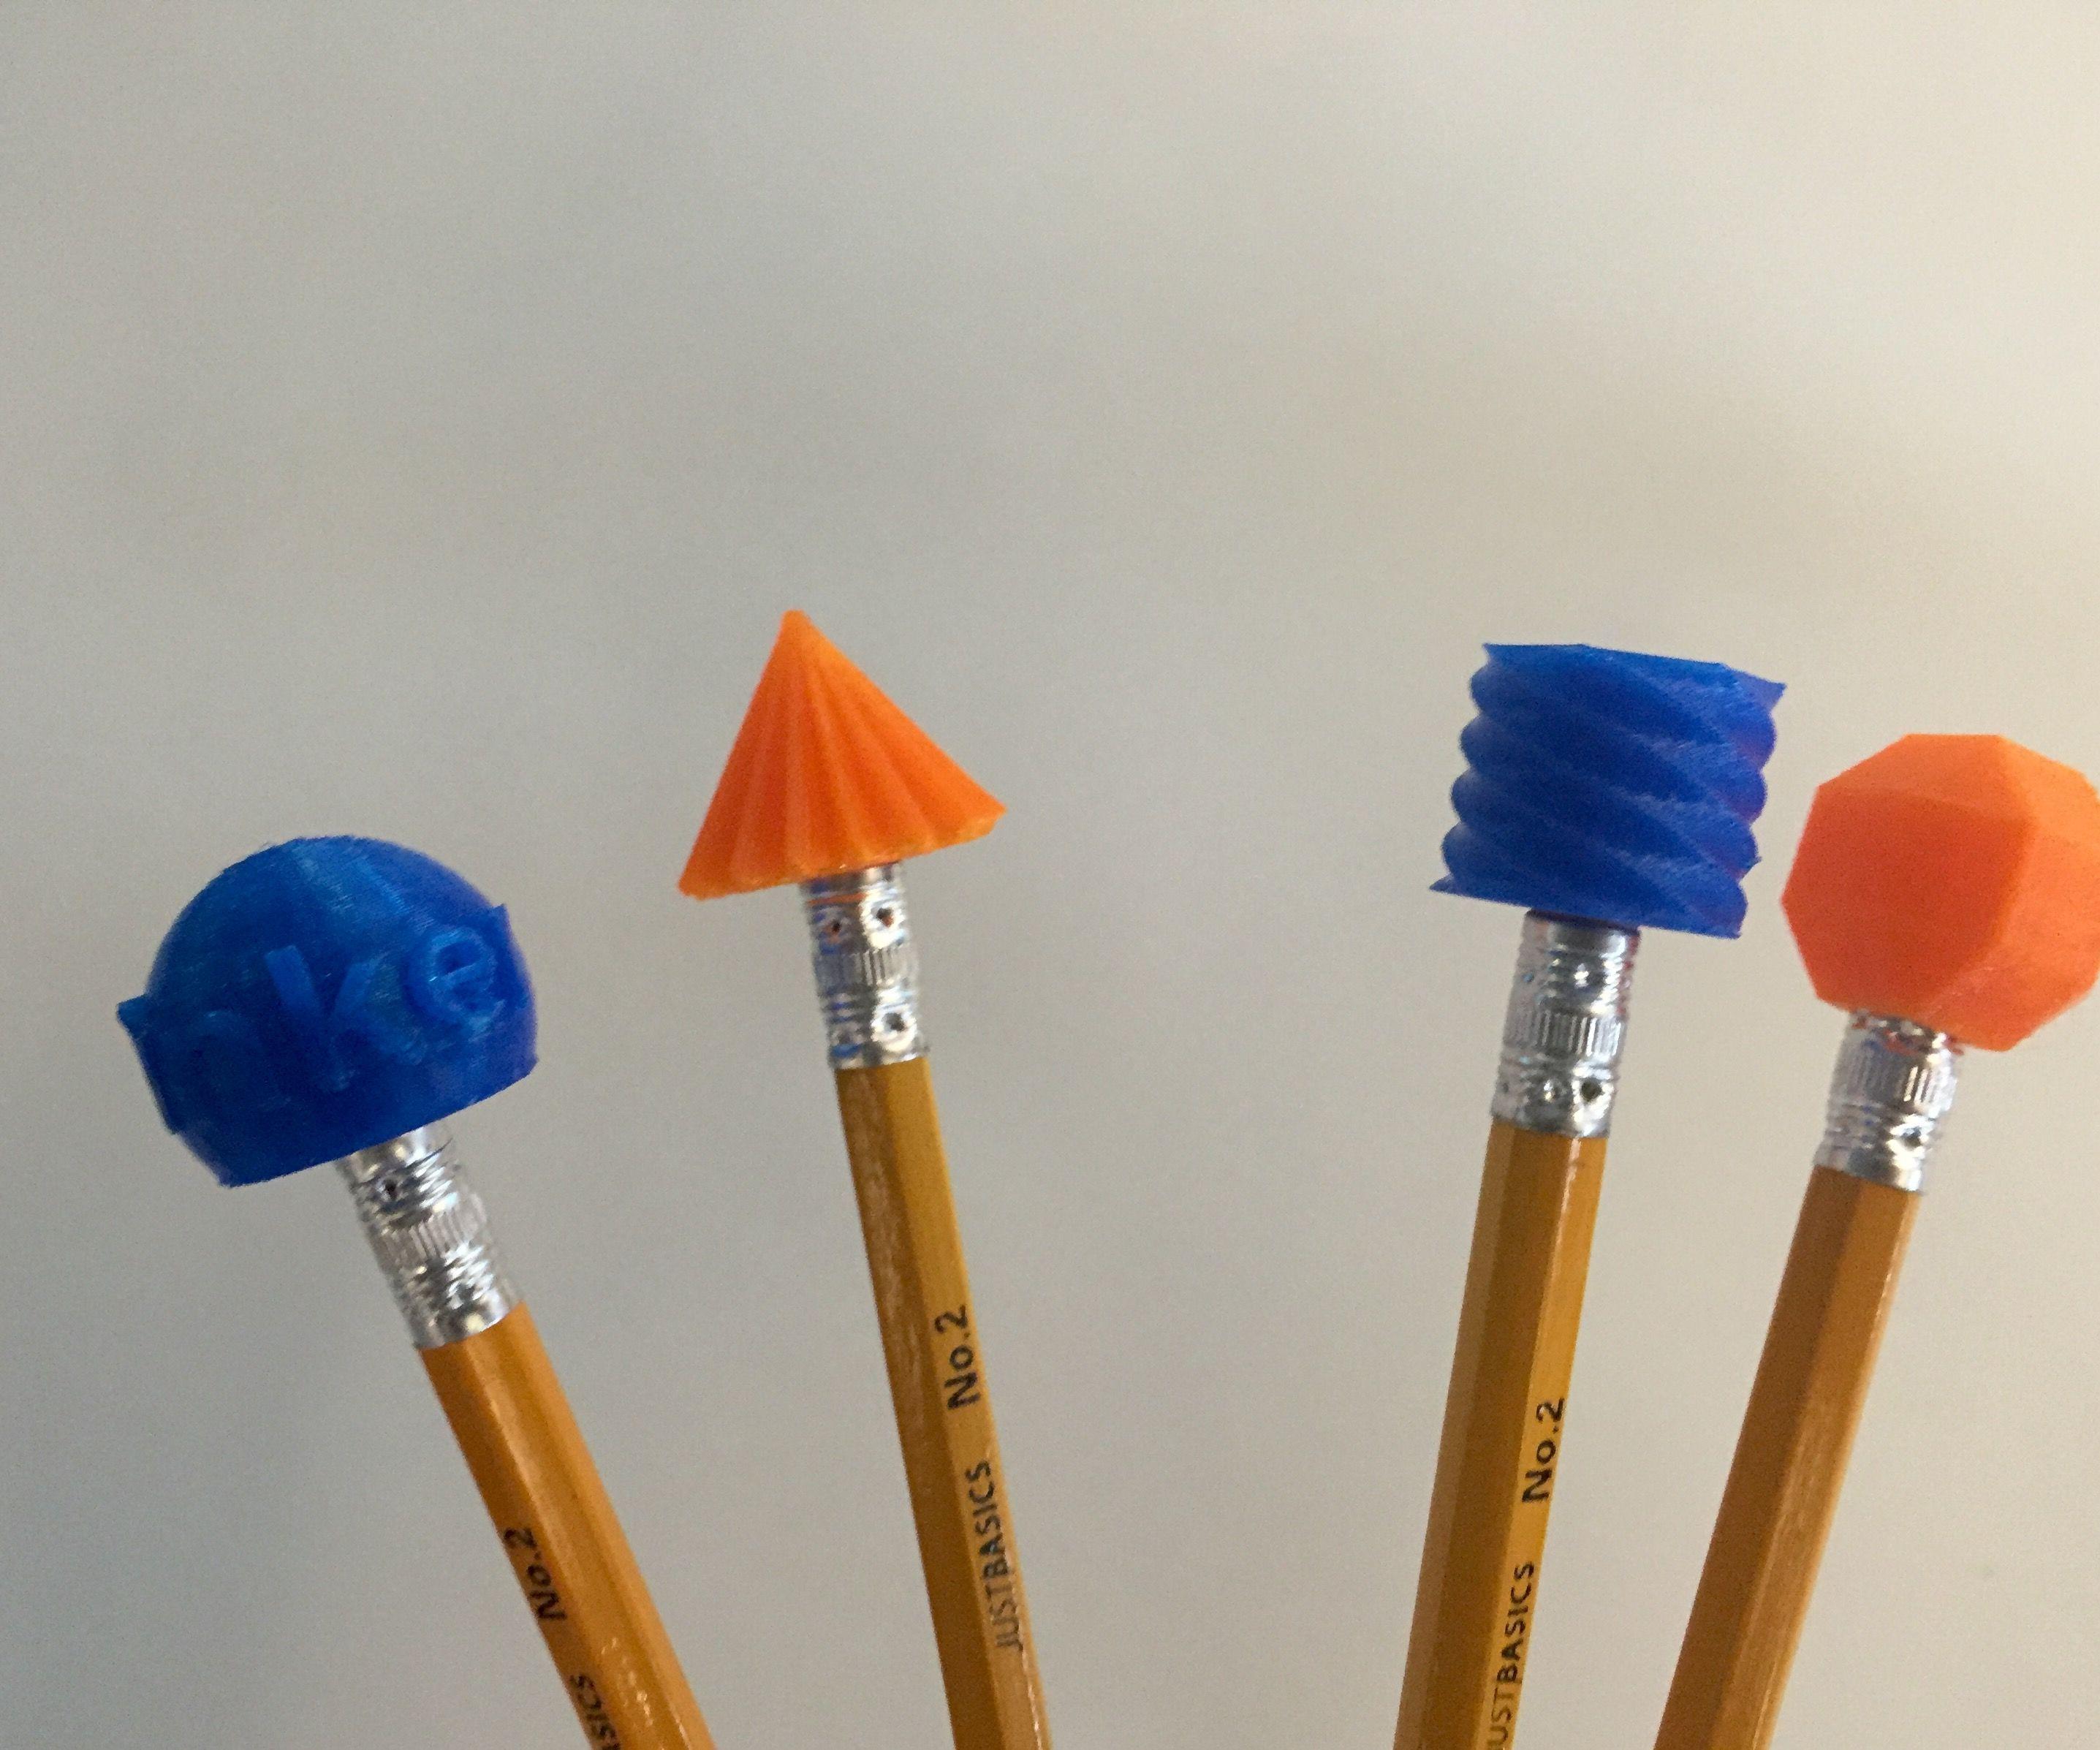 Design and 3D Print a Pencil Topper